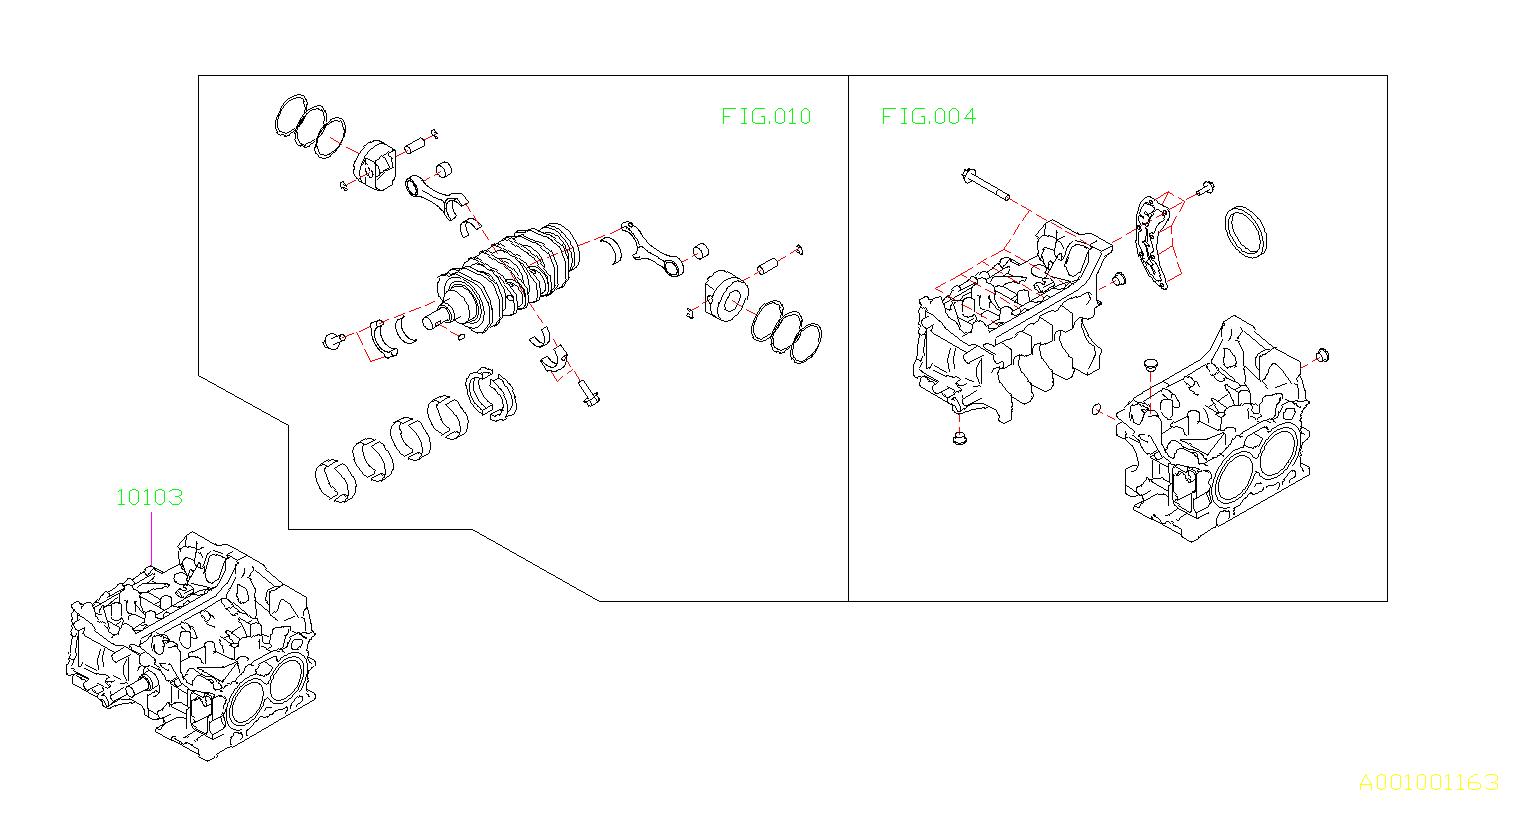 subaru forester engine diagram subaru forester engine diagram 1999